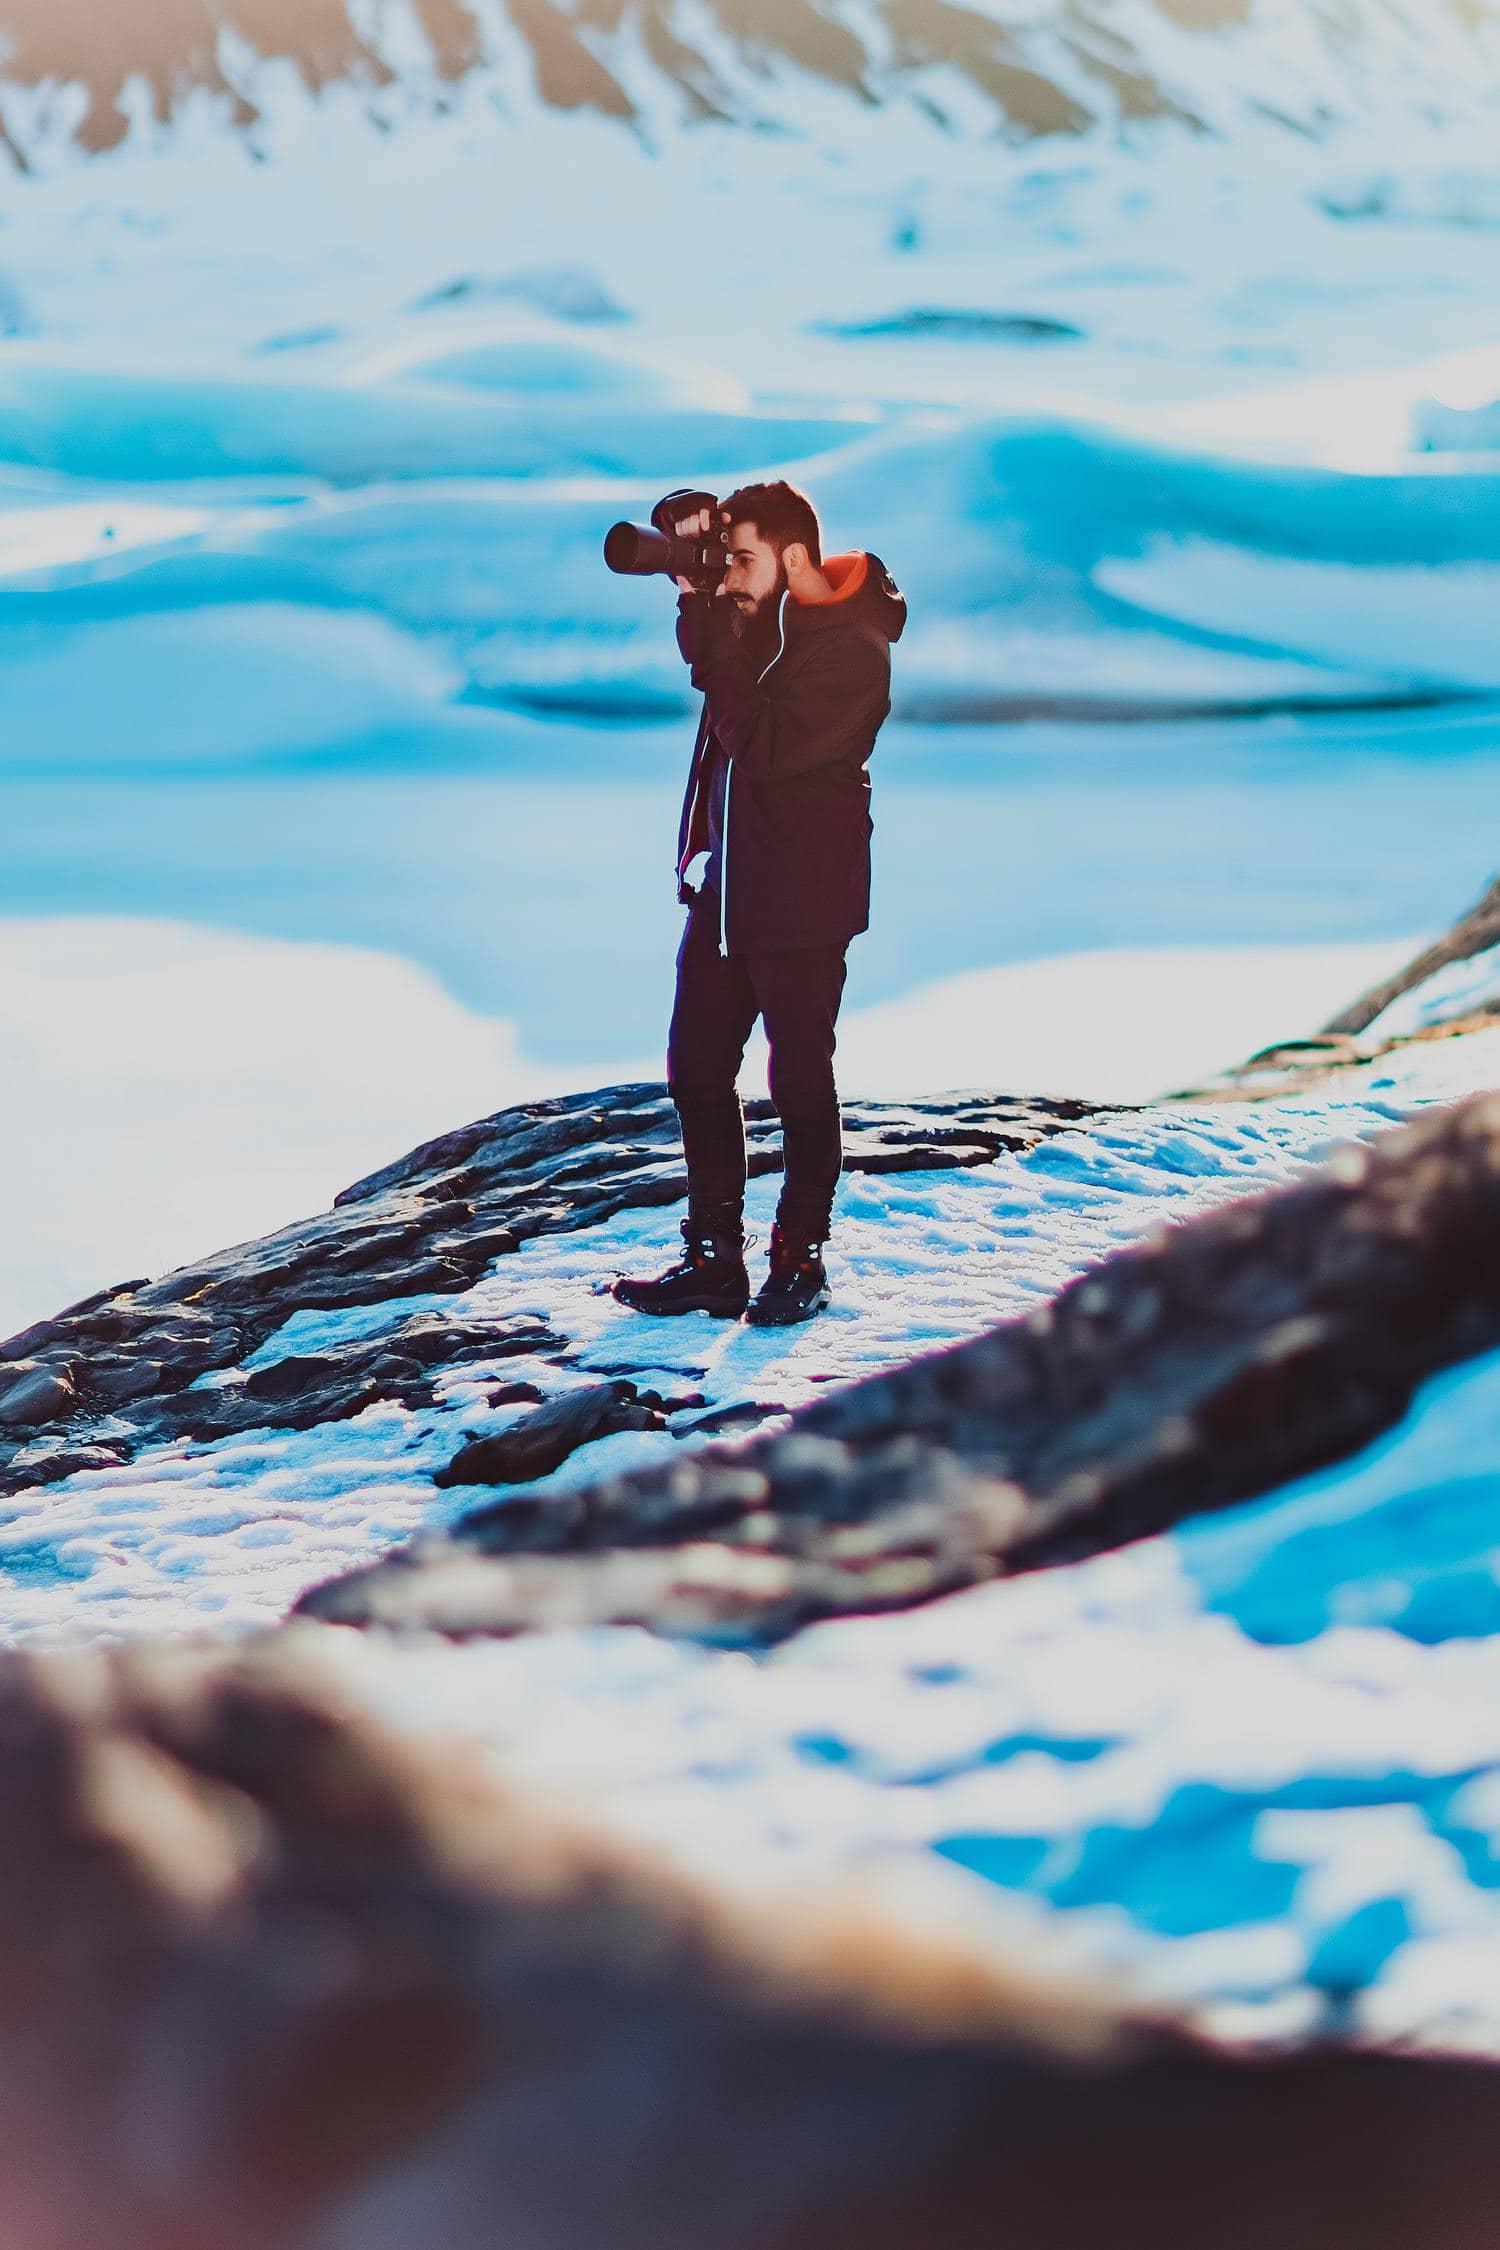 fotógrafo de nieve